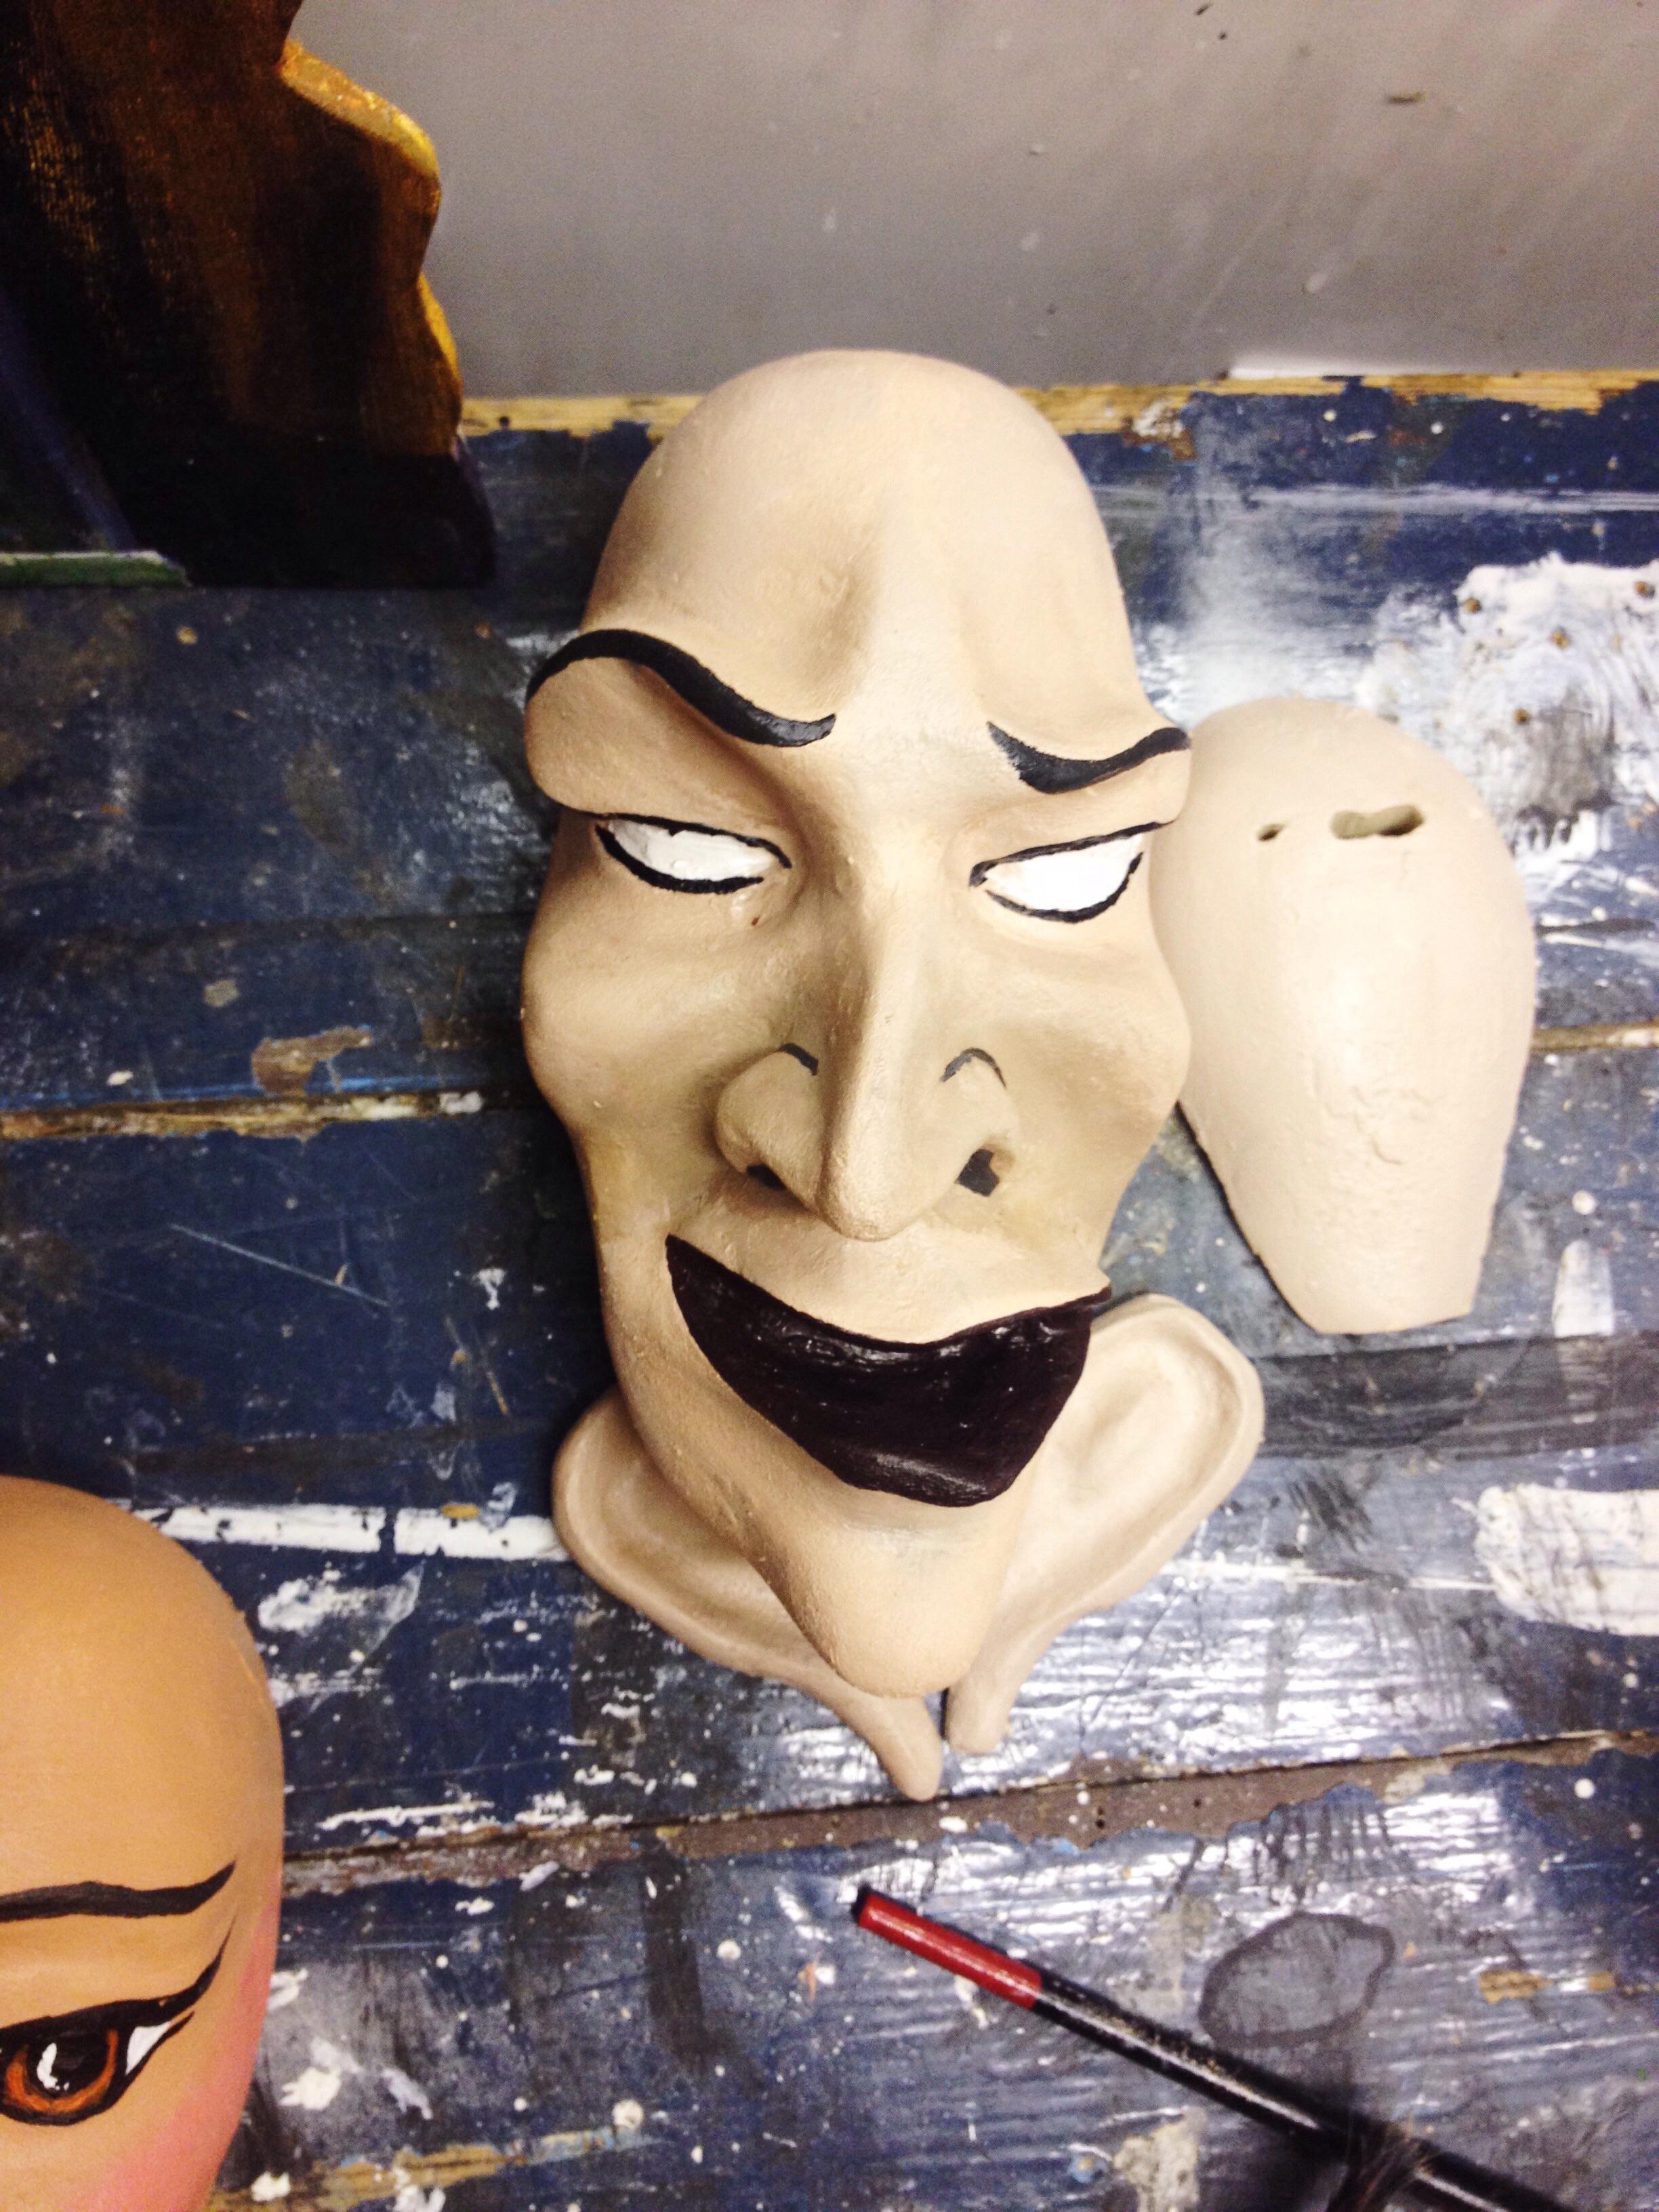 The 'Baddie' being repainted